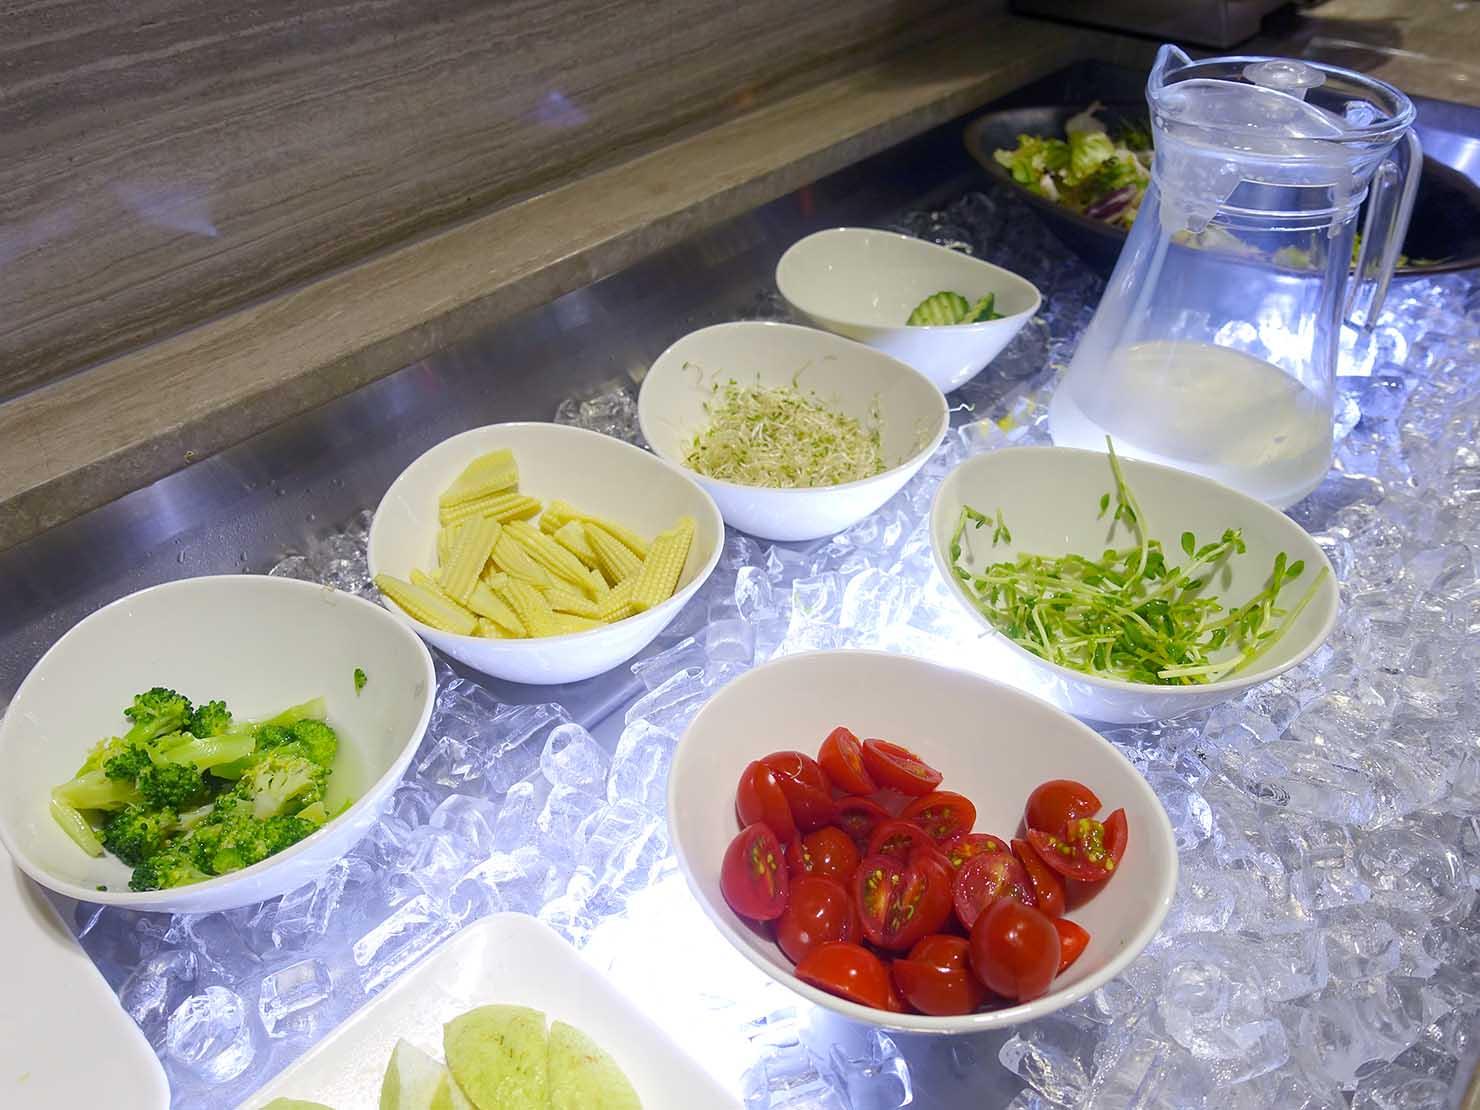 台南市内観光におすすめのホテル「長悅旅棧」朝食ビュッフェのサラダ